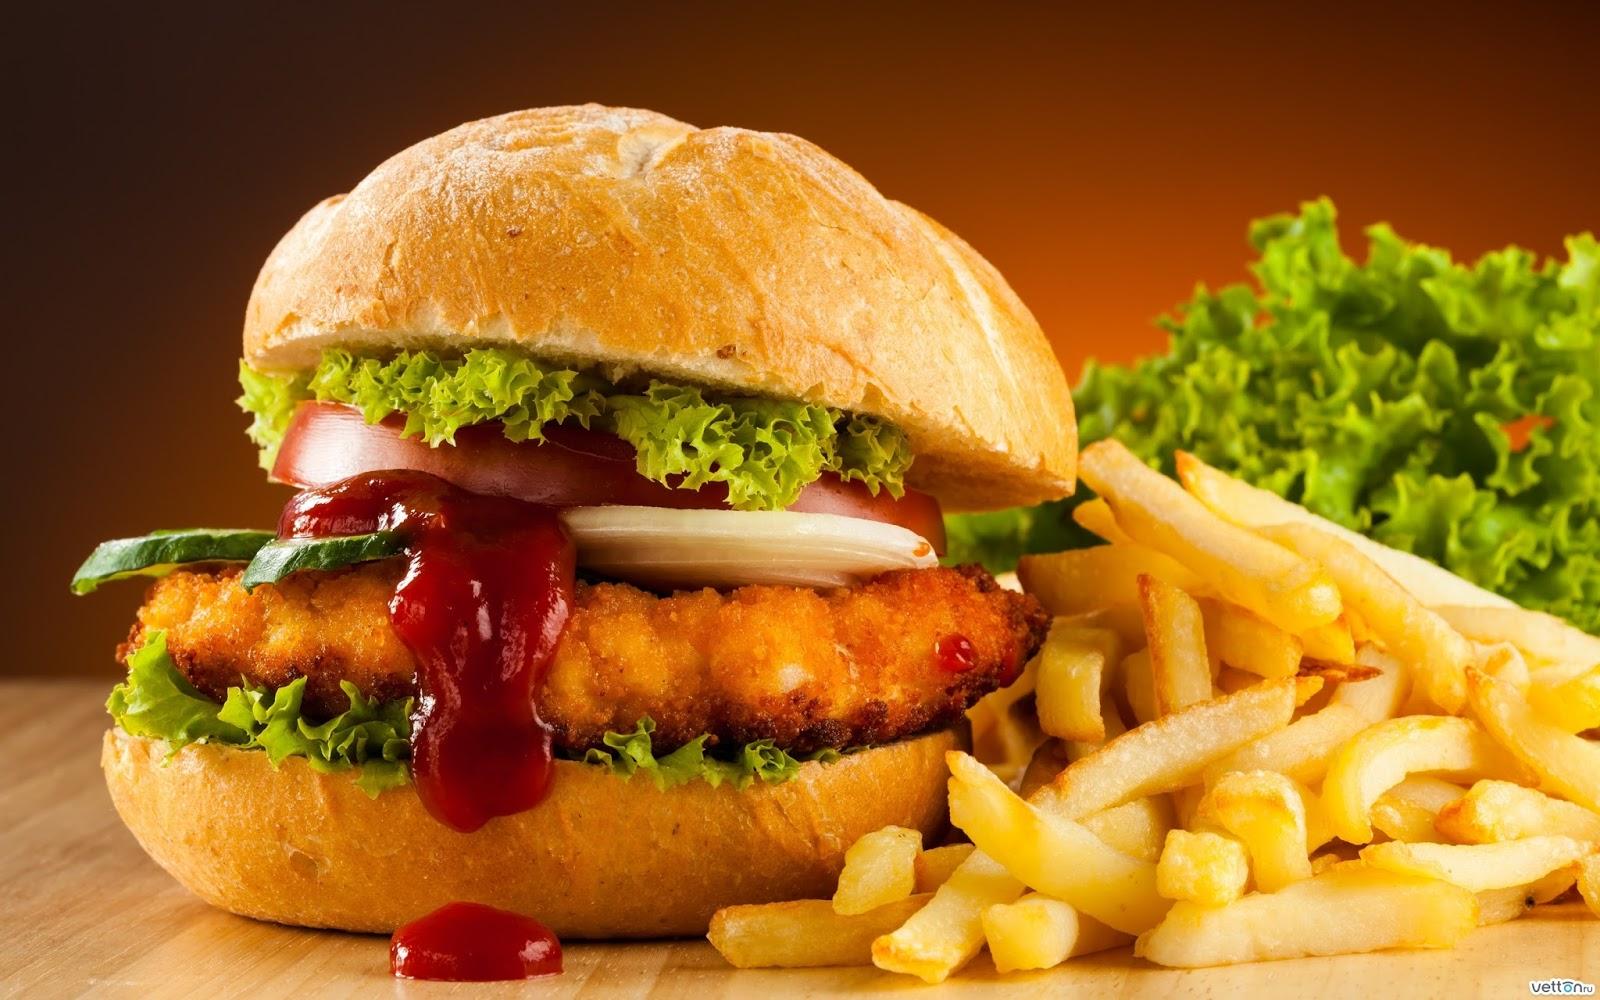 November 2015 Dapur Lezat Kreasi Nusantara Rasa Lokal Kolak Pisang Ubi Dengan Cocolan Asli Gula Aren Santan Resep Burger Tempe Mungkin Teman Lebih Sering Mengenal Chicken Beef Atau Fish Buat Yang Lagi Dalam Program Diet Dan Ingin